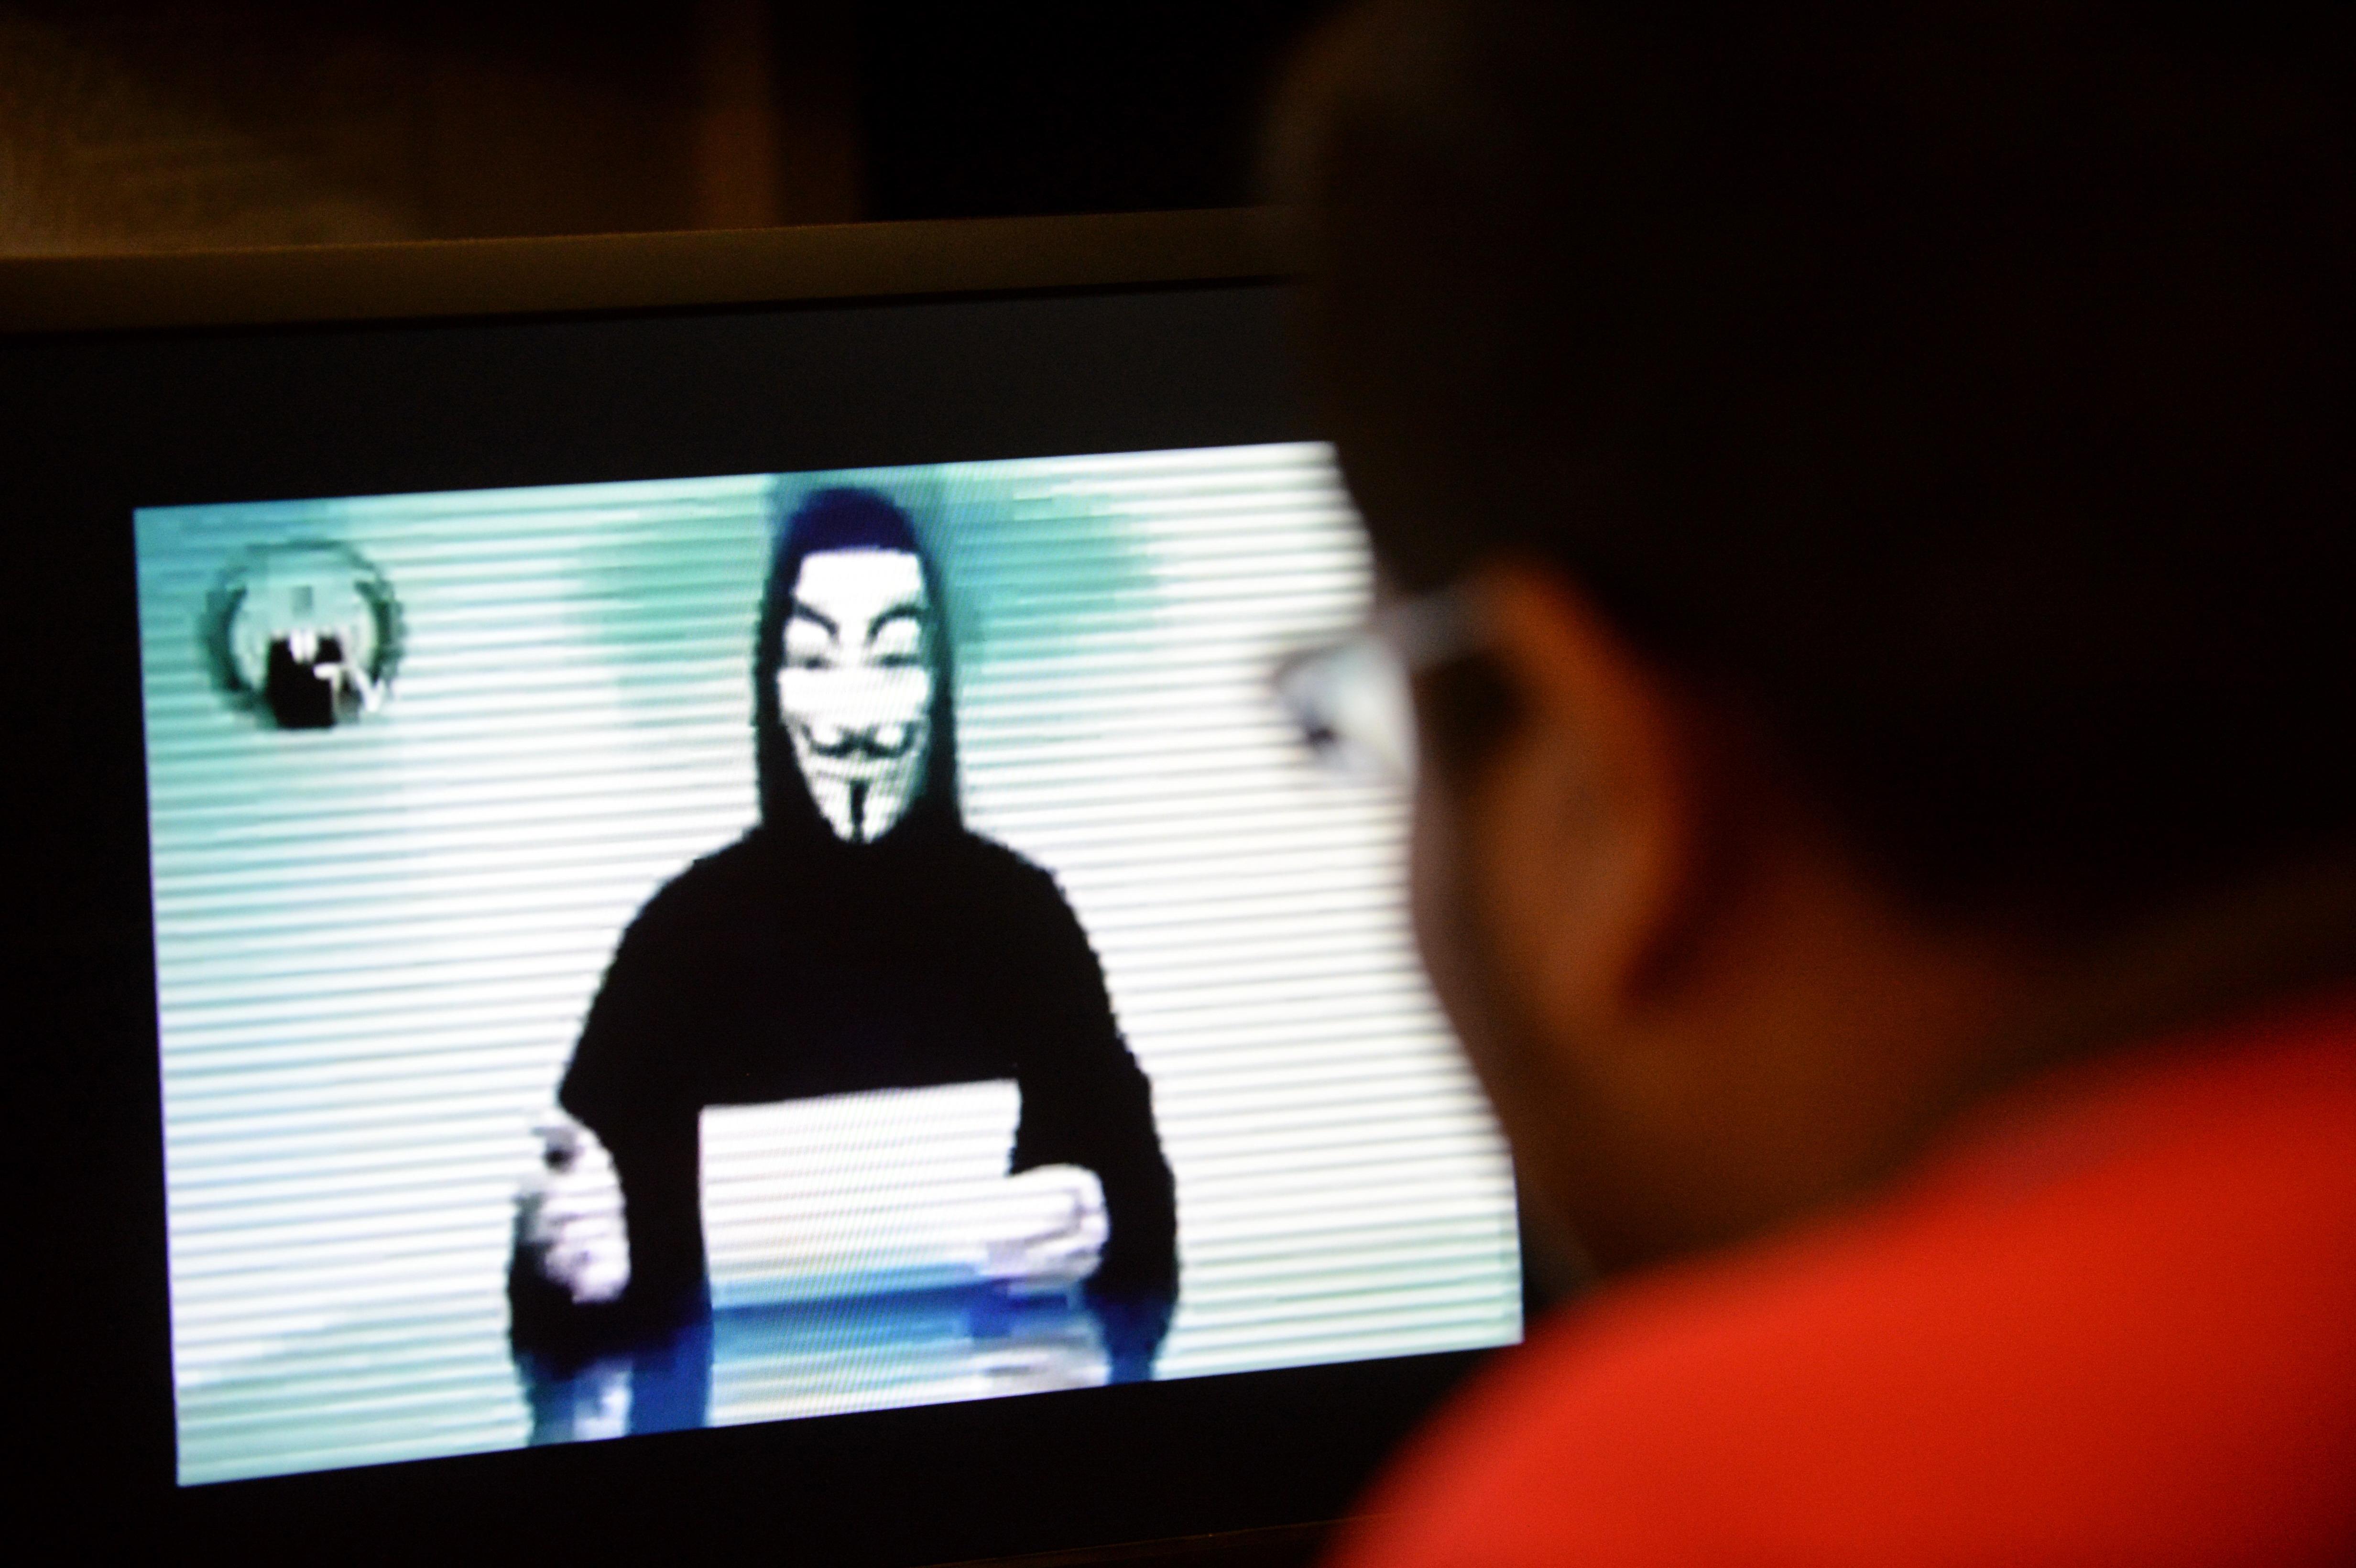 Friss hírek: Furcsa videóval jelentkezett a hírhedt hackercsoport.